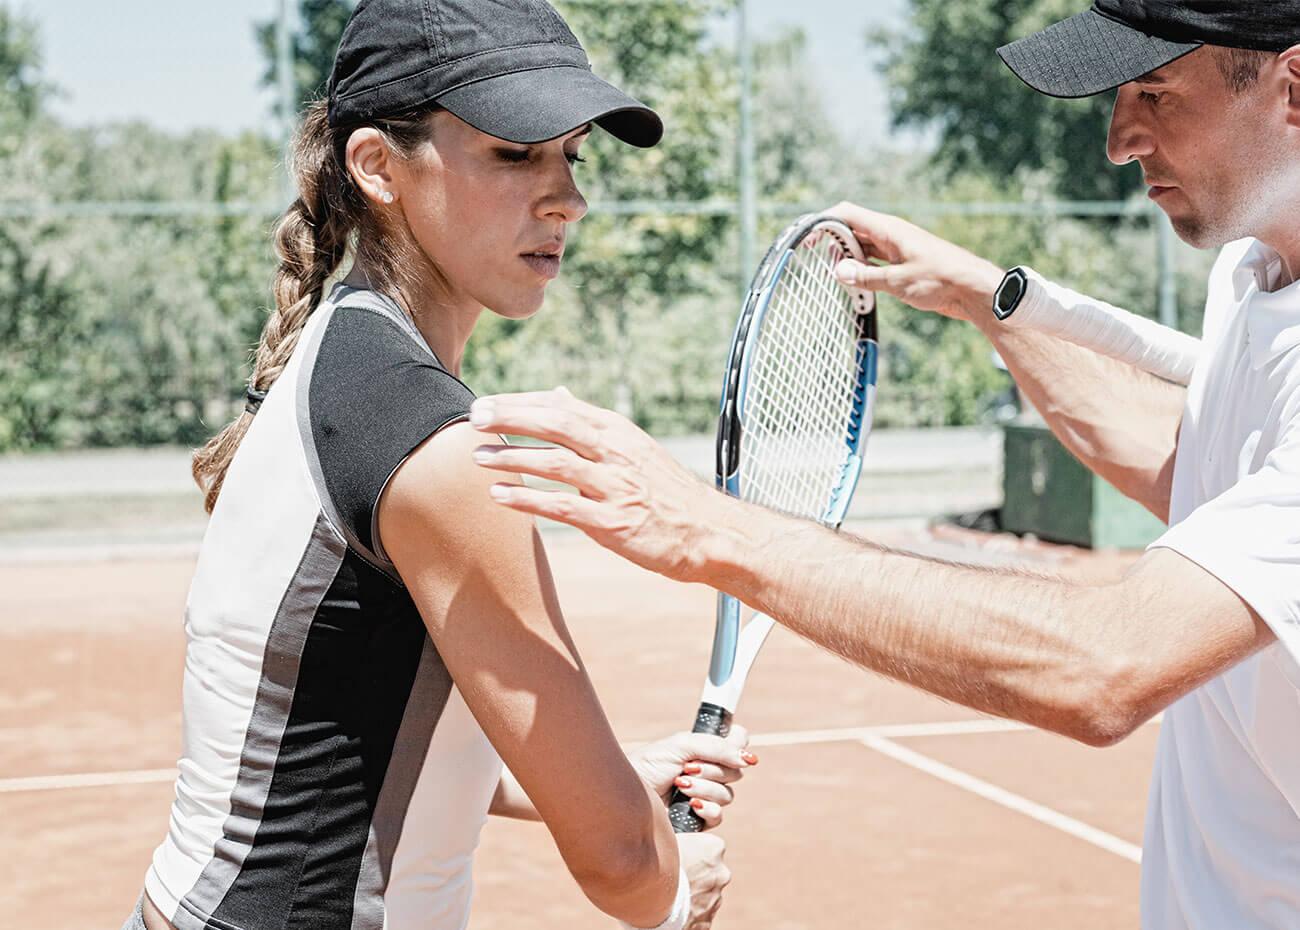 Coaching tennis